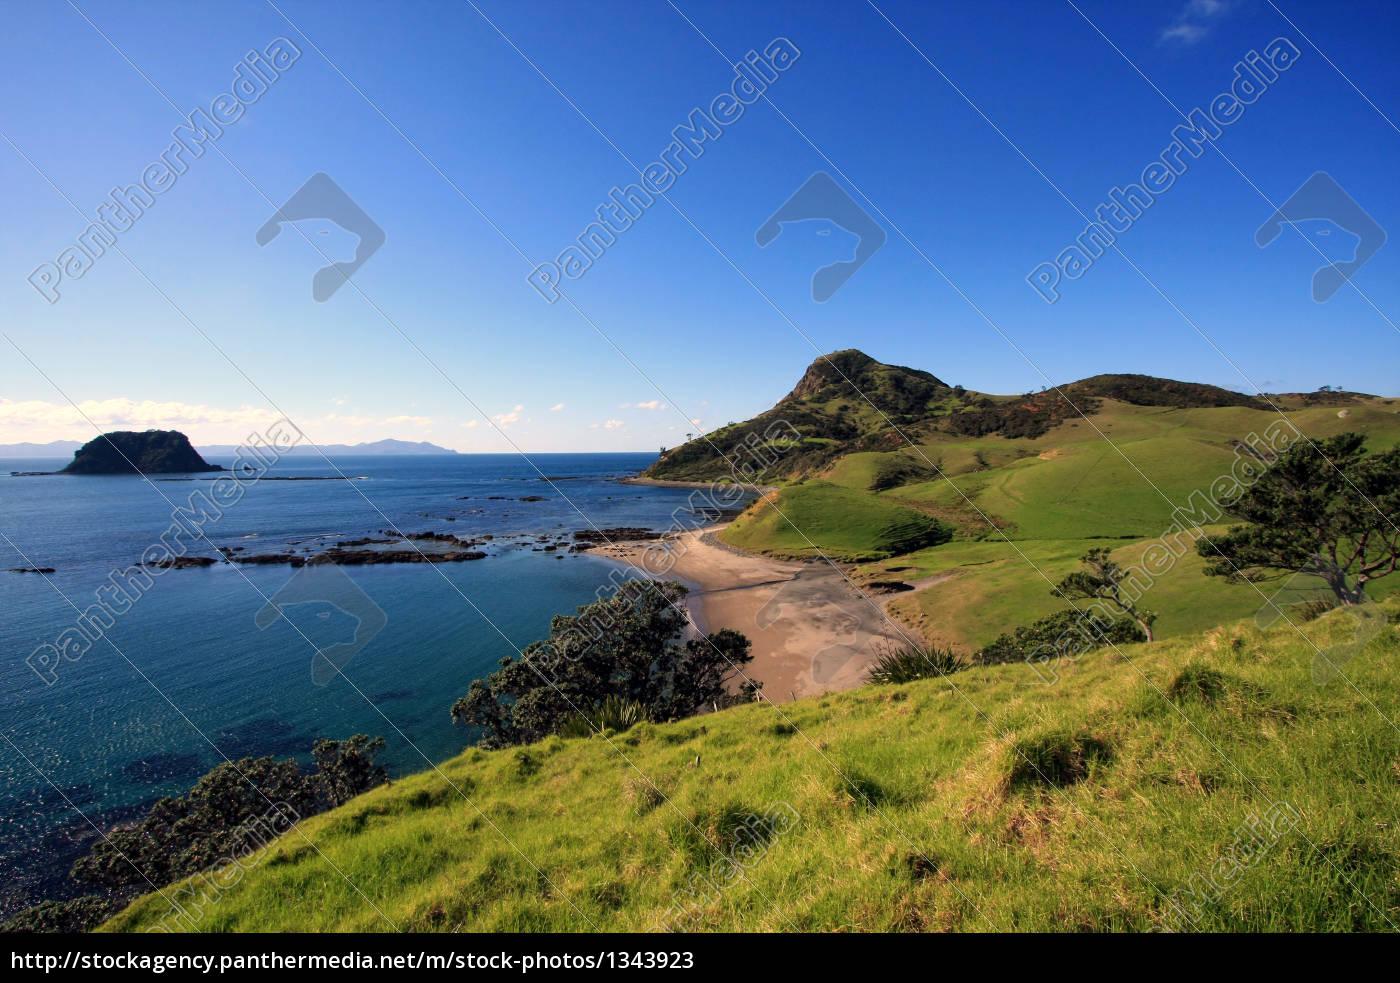 coromandel, coastal, walkway - 1343923